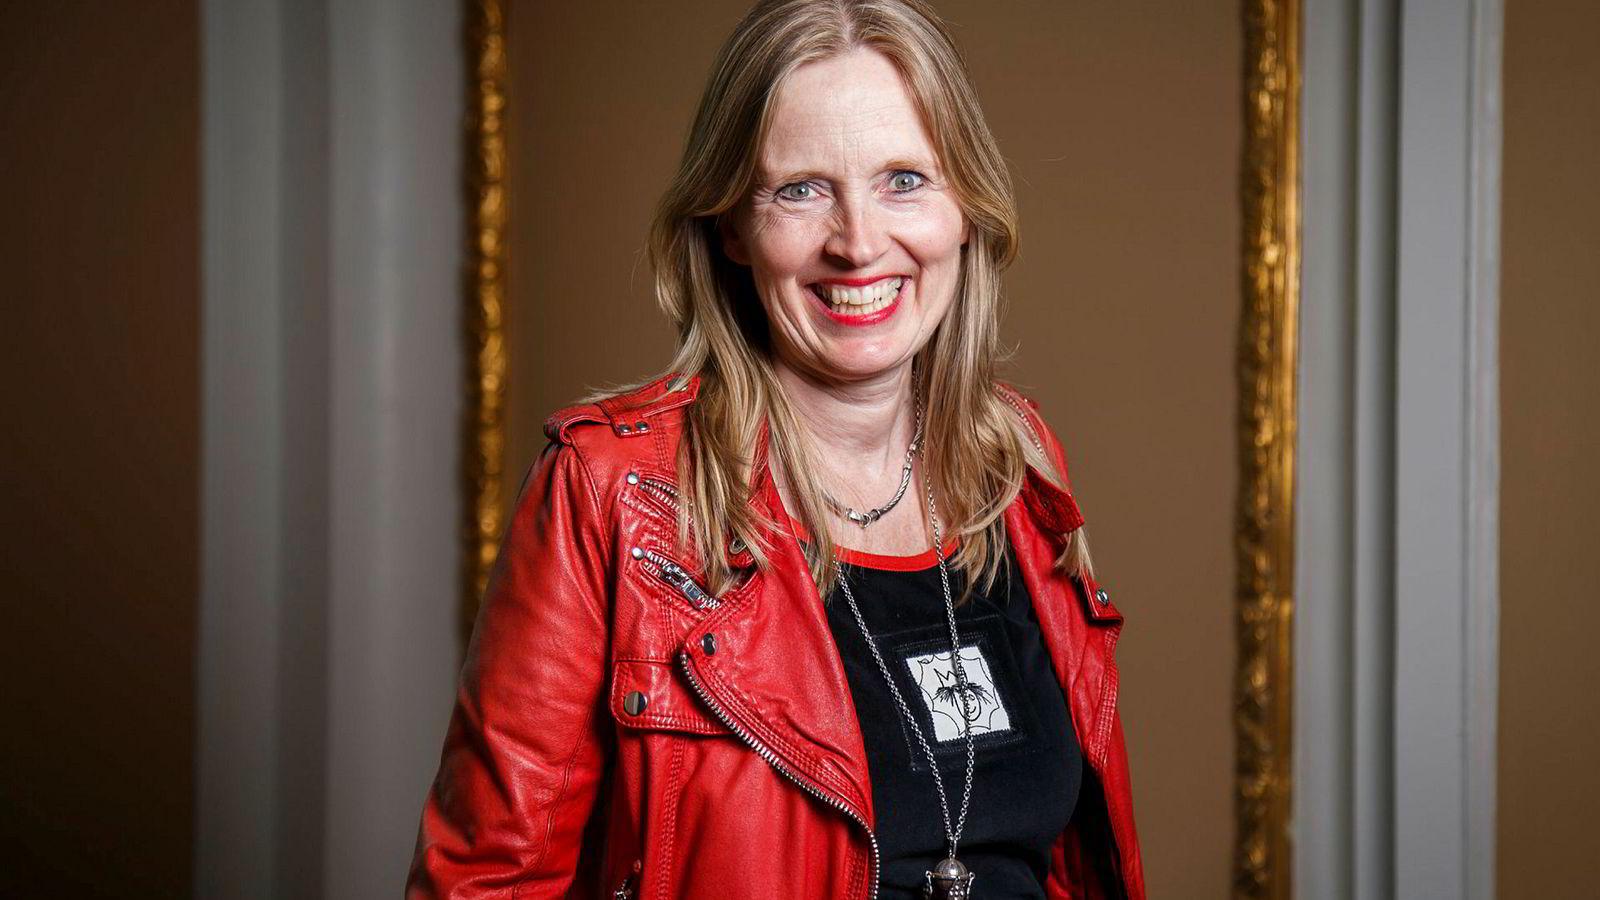 Teatersjef Agnete Haaland ved Den Nationale Scene i Bergen har søkt på stillingen.